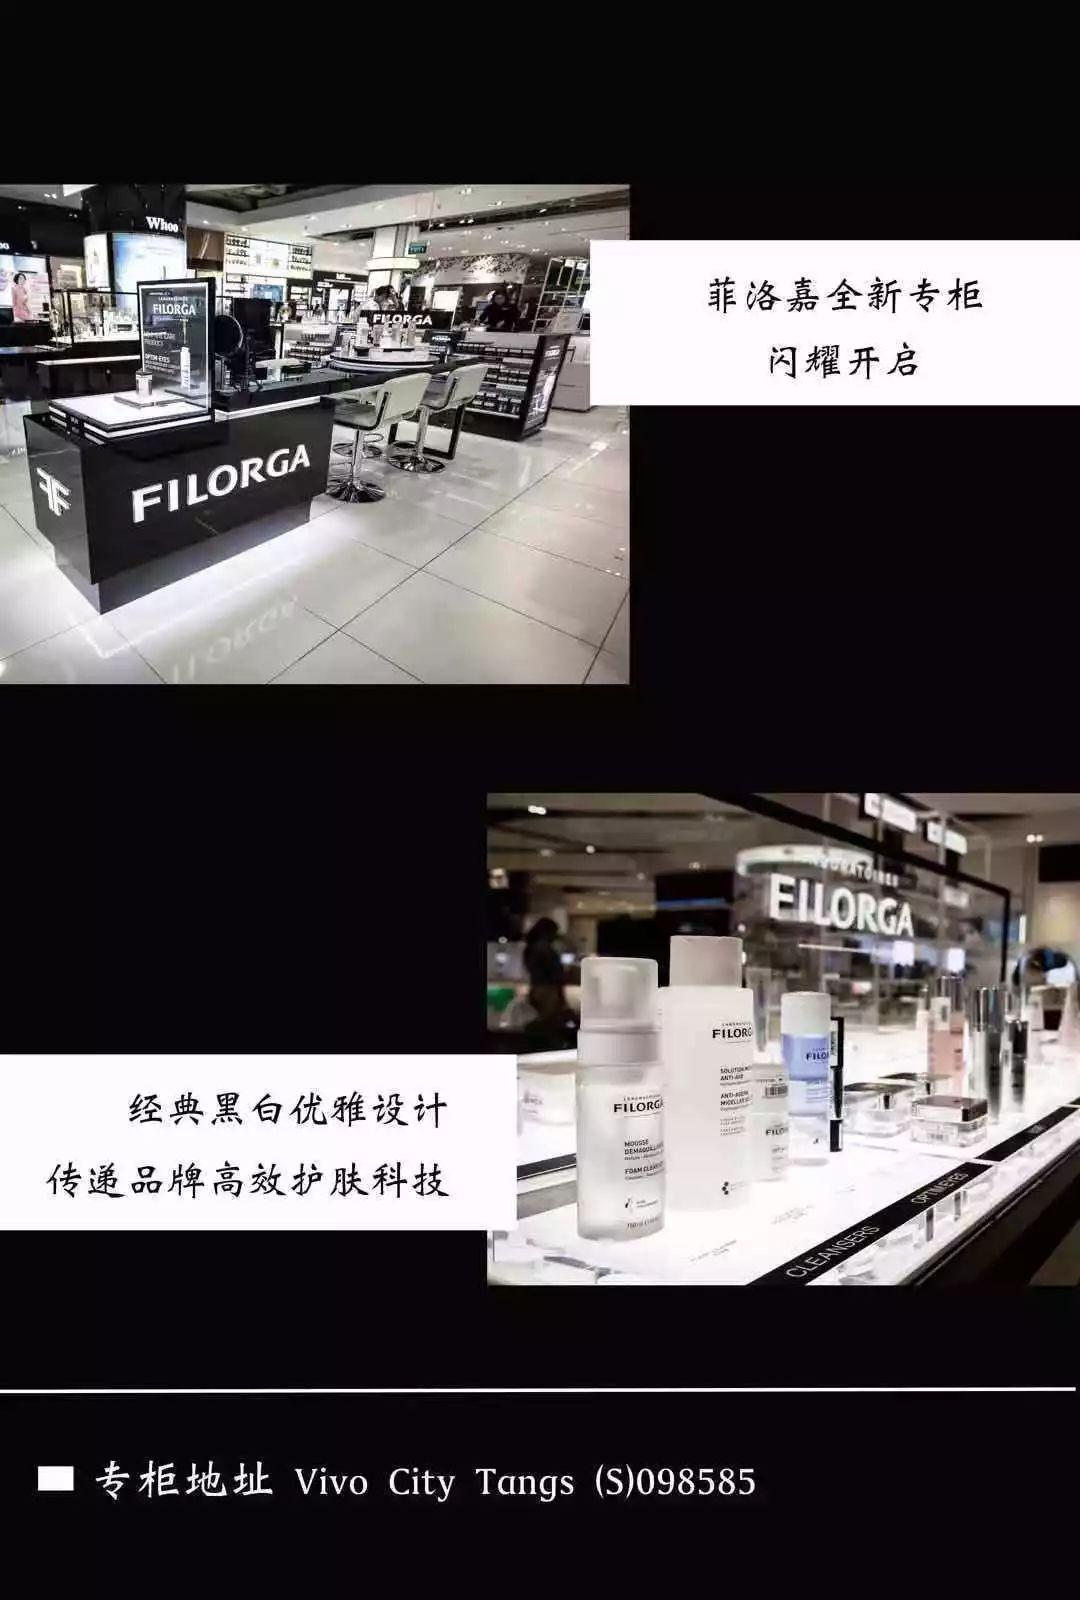 菲洛嘉入驻VivoCity诗家董百货,品牌送豪礼一掷千金!